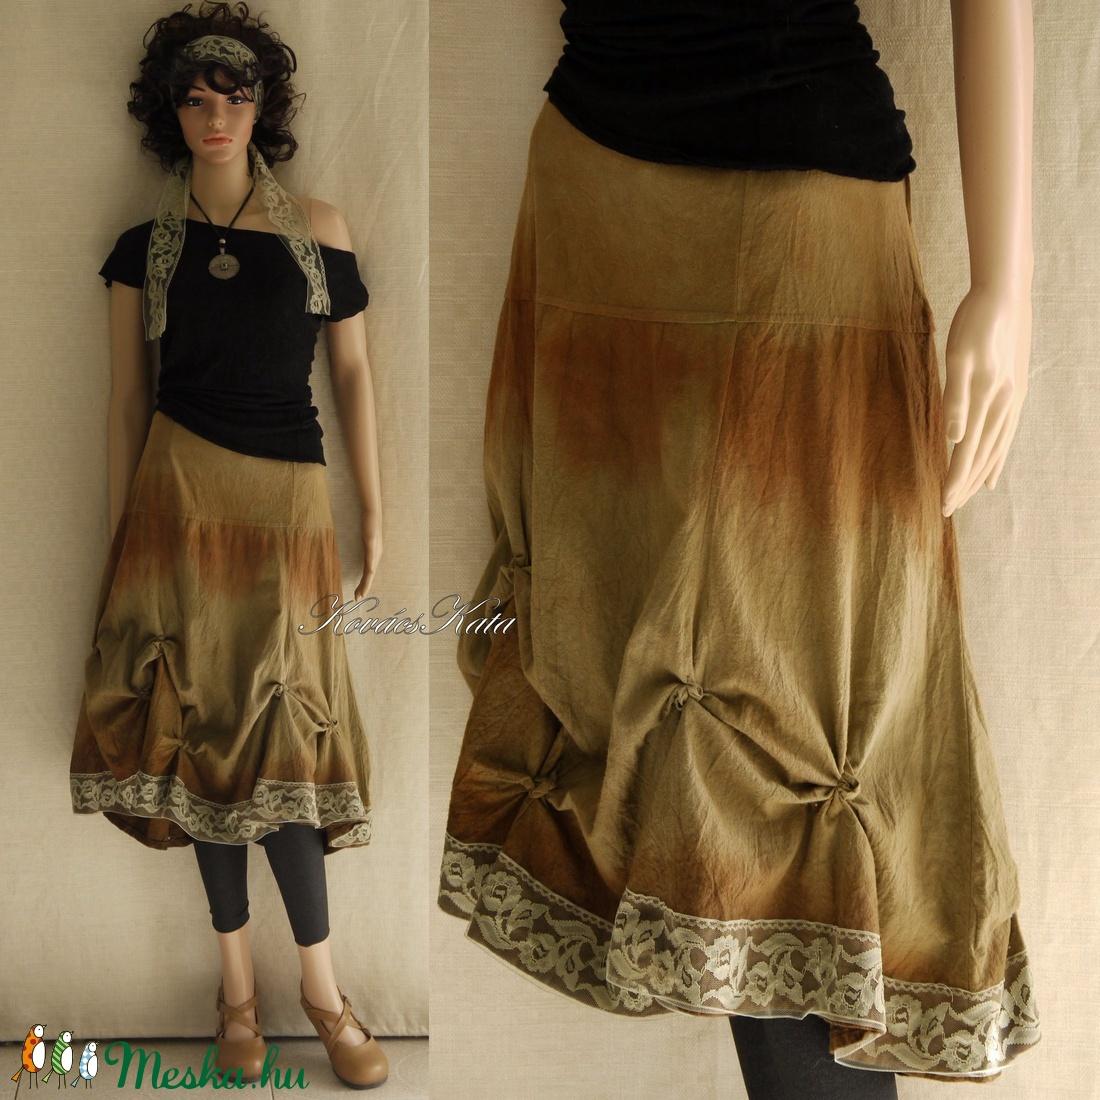 GAIA / ősz - kézzel festett design-szoknya  - ruha & divat - női ruha - szoknya - Meska.hu